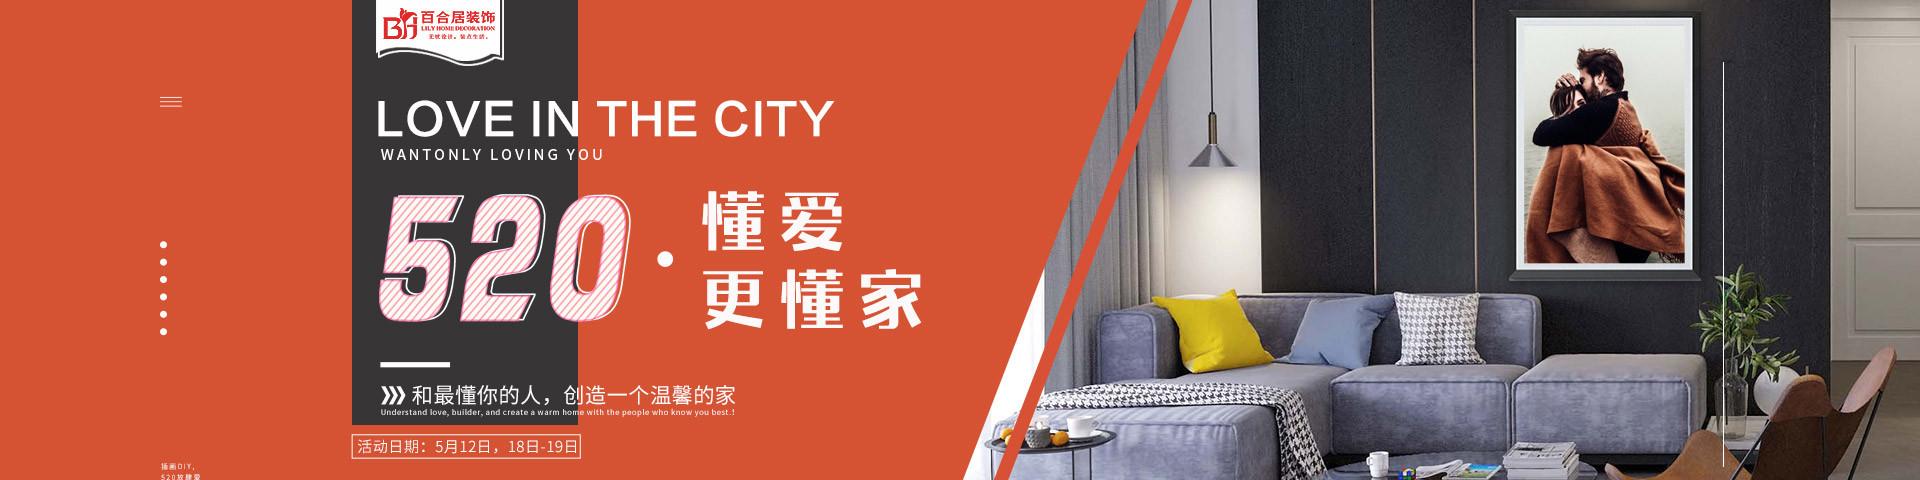 西安百合居装饰丨520全城热恋,懂爱,更懂一个家!